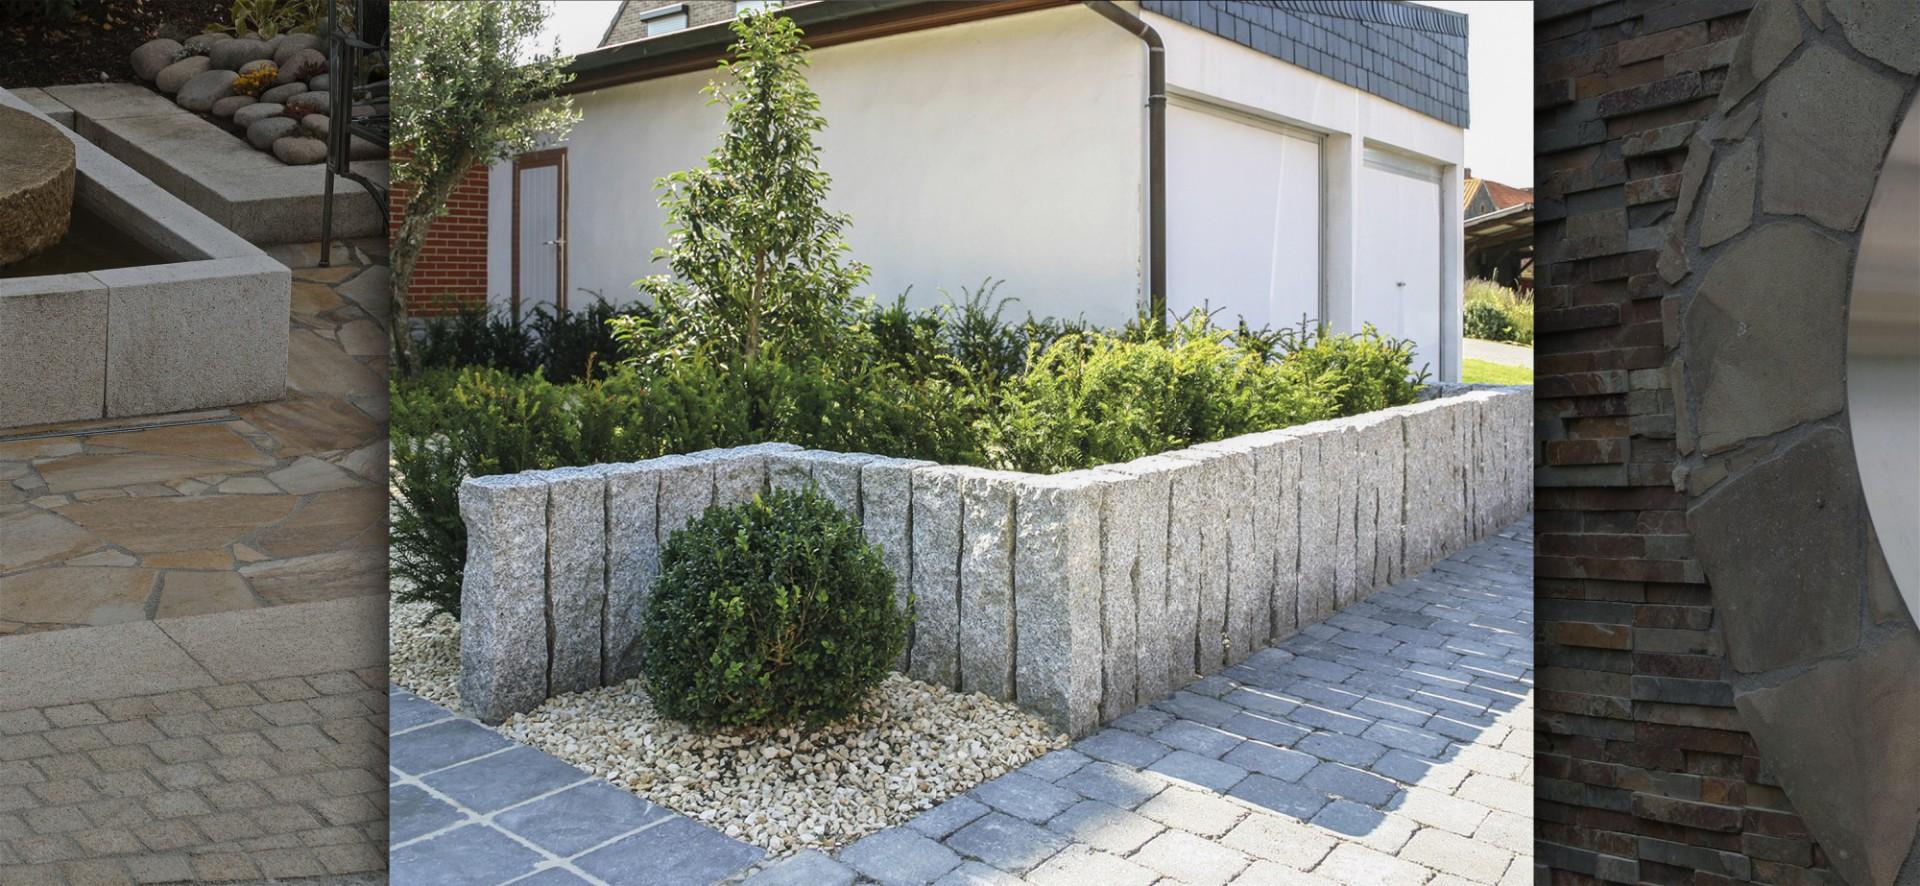 natursteinpflaster und gestaltungselemente